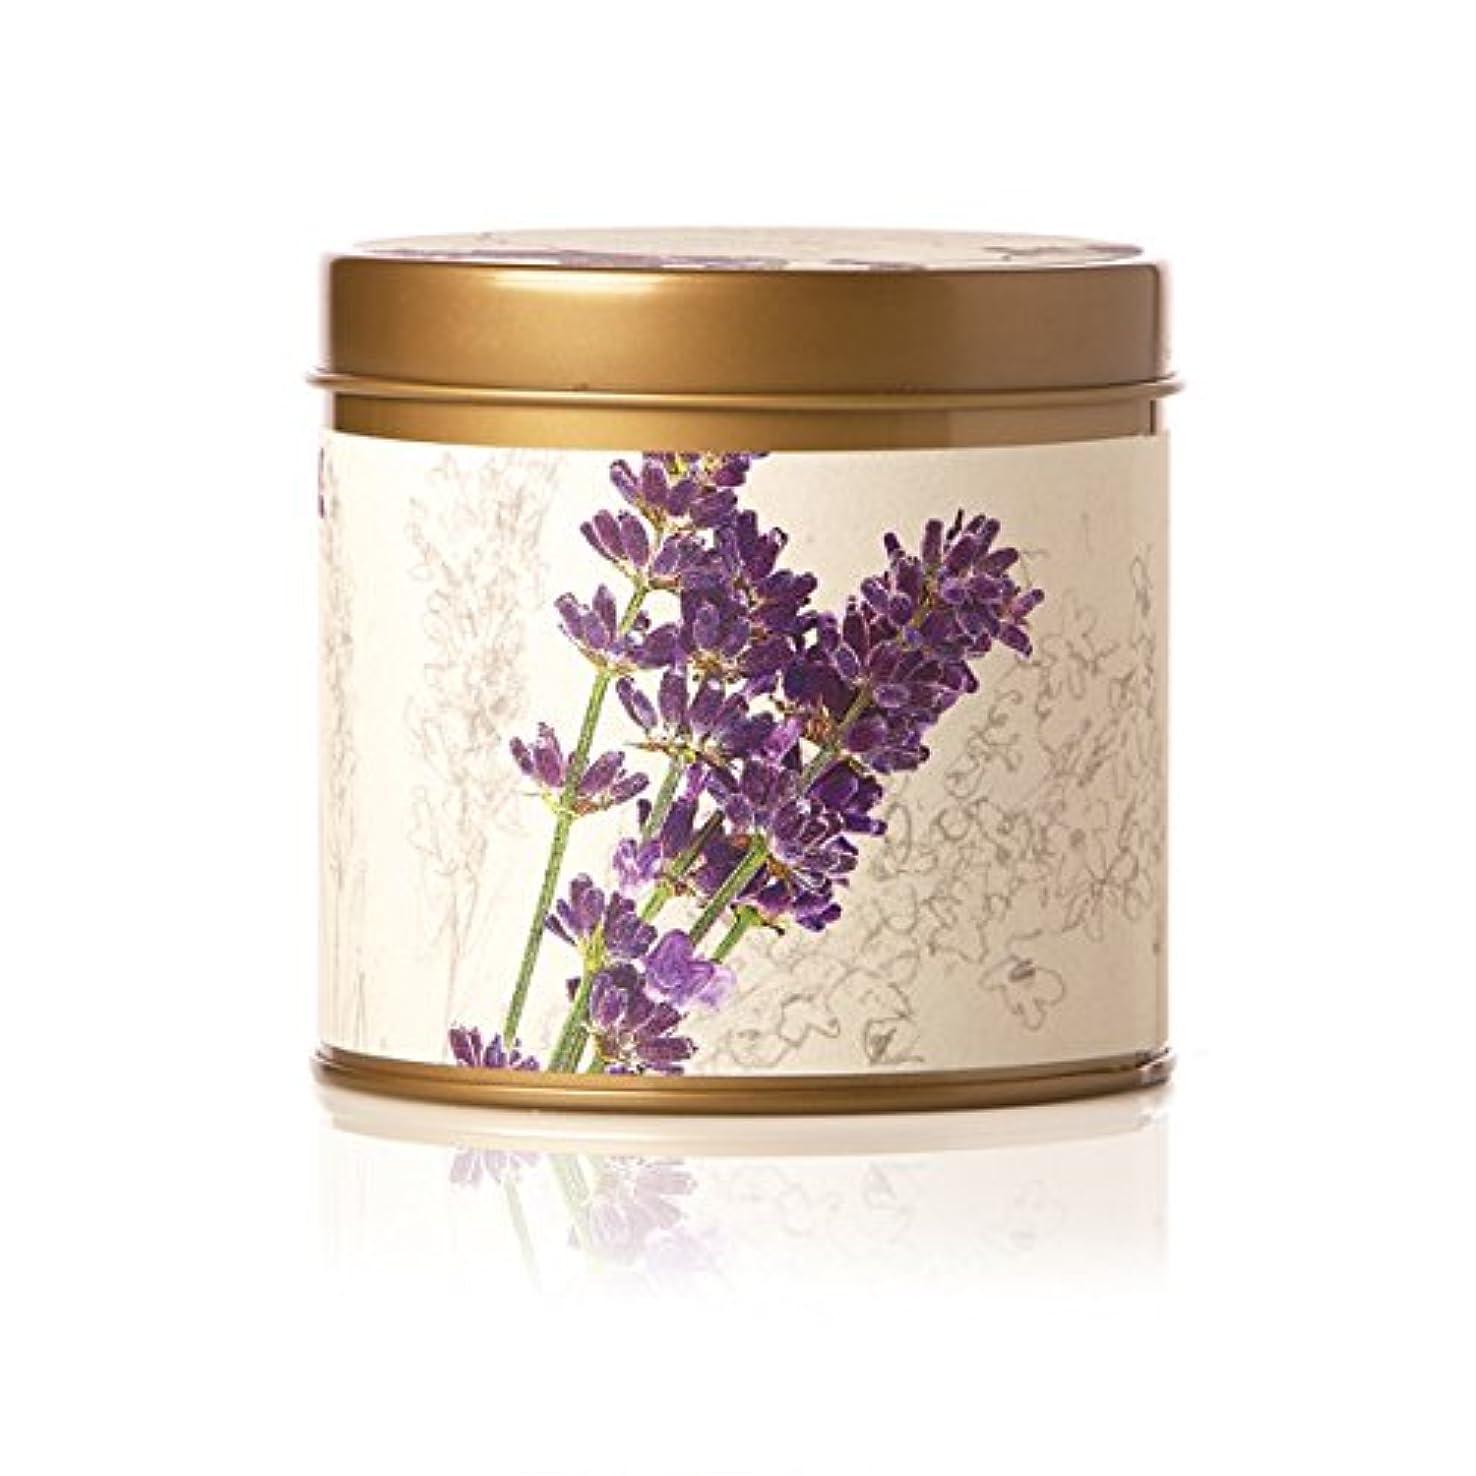 曲げる予定オプショナルロージーリングス ティンキャンドル ロマンラベンダー ROSY RINGS Signature Tin Roman Lavender